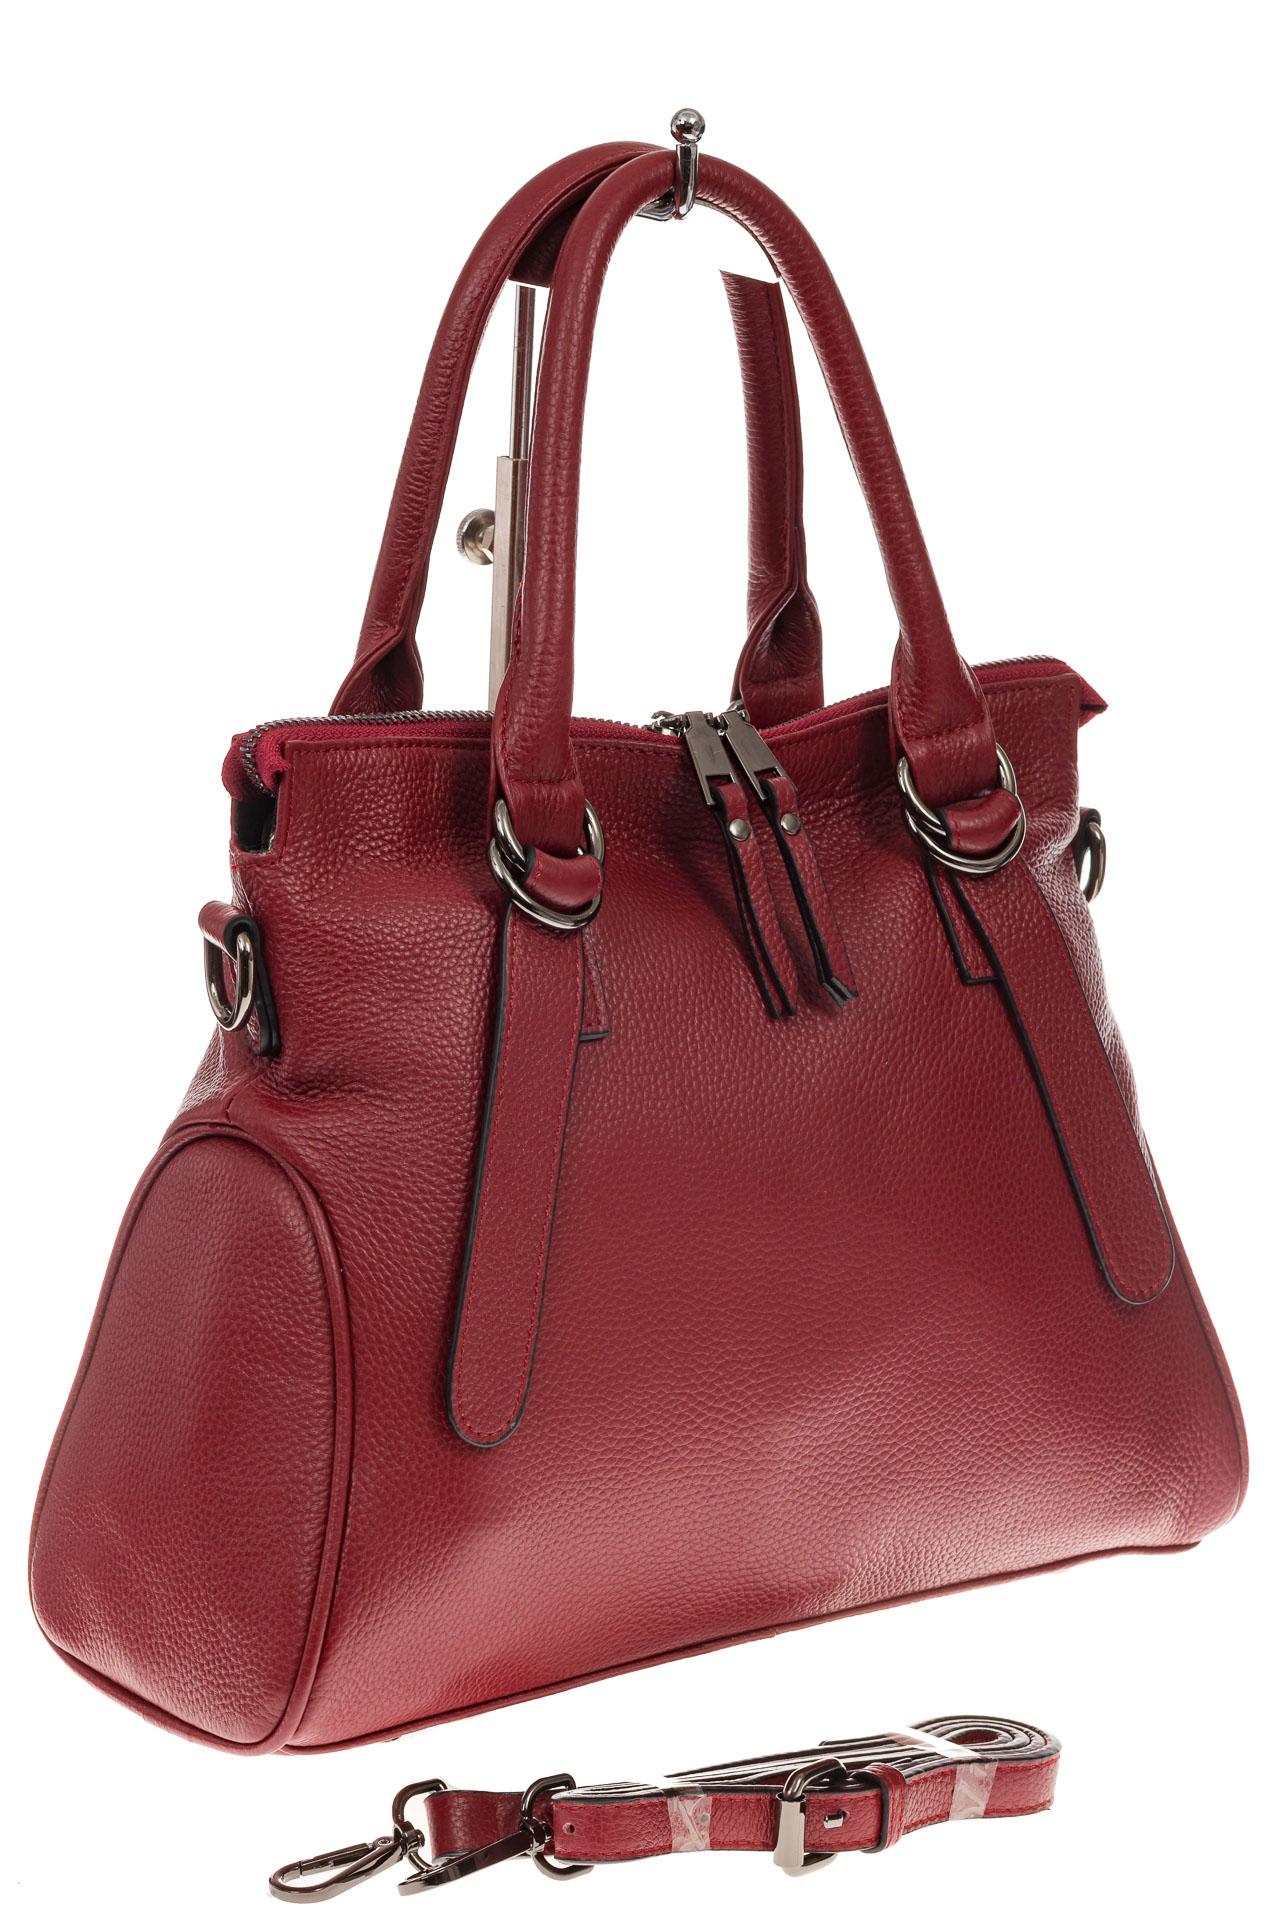 fe4048c1ee63 Женская сумка из натуральной кожи, цвет бордовый, арт. 6-559KN11/4 ...